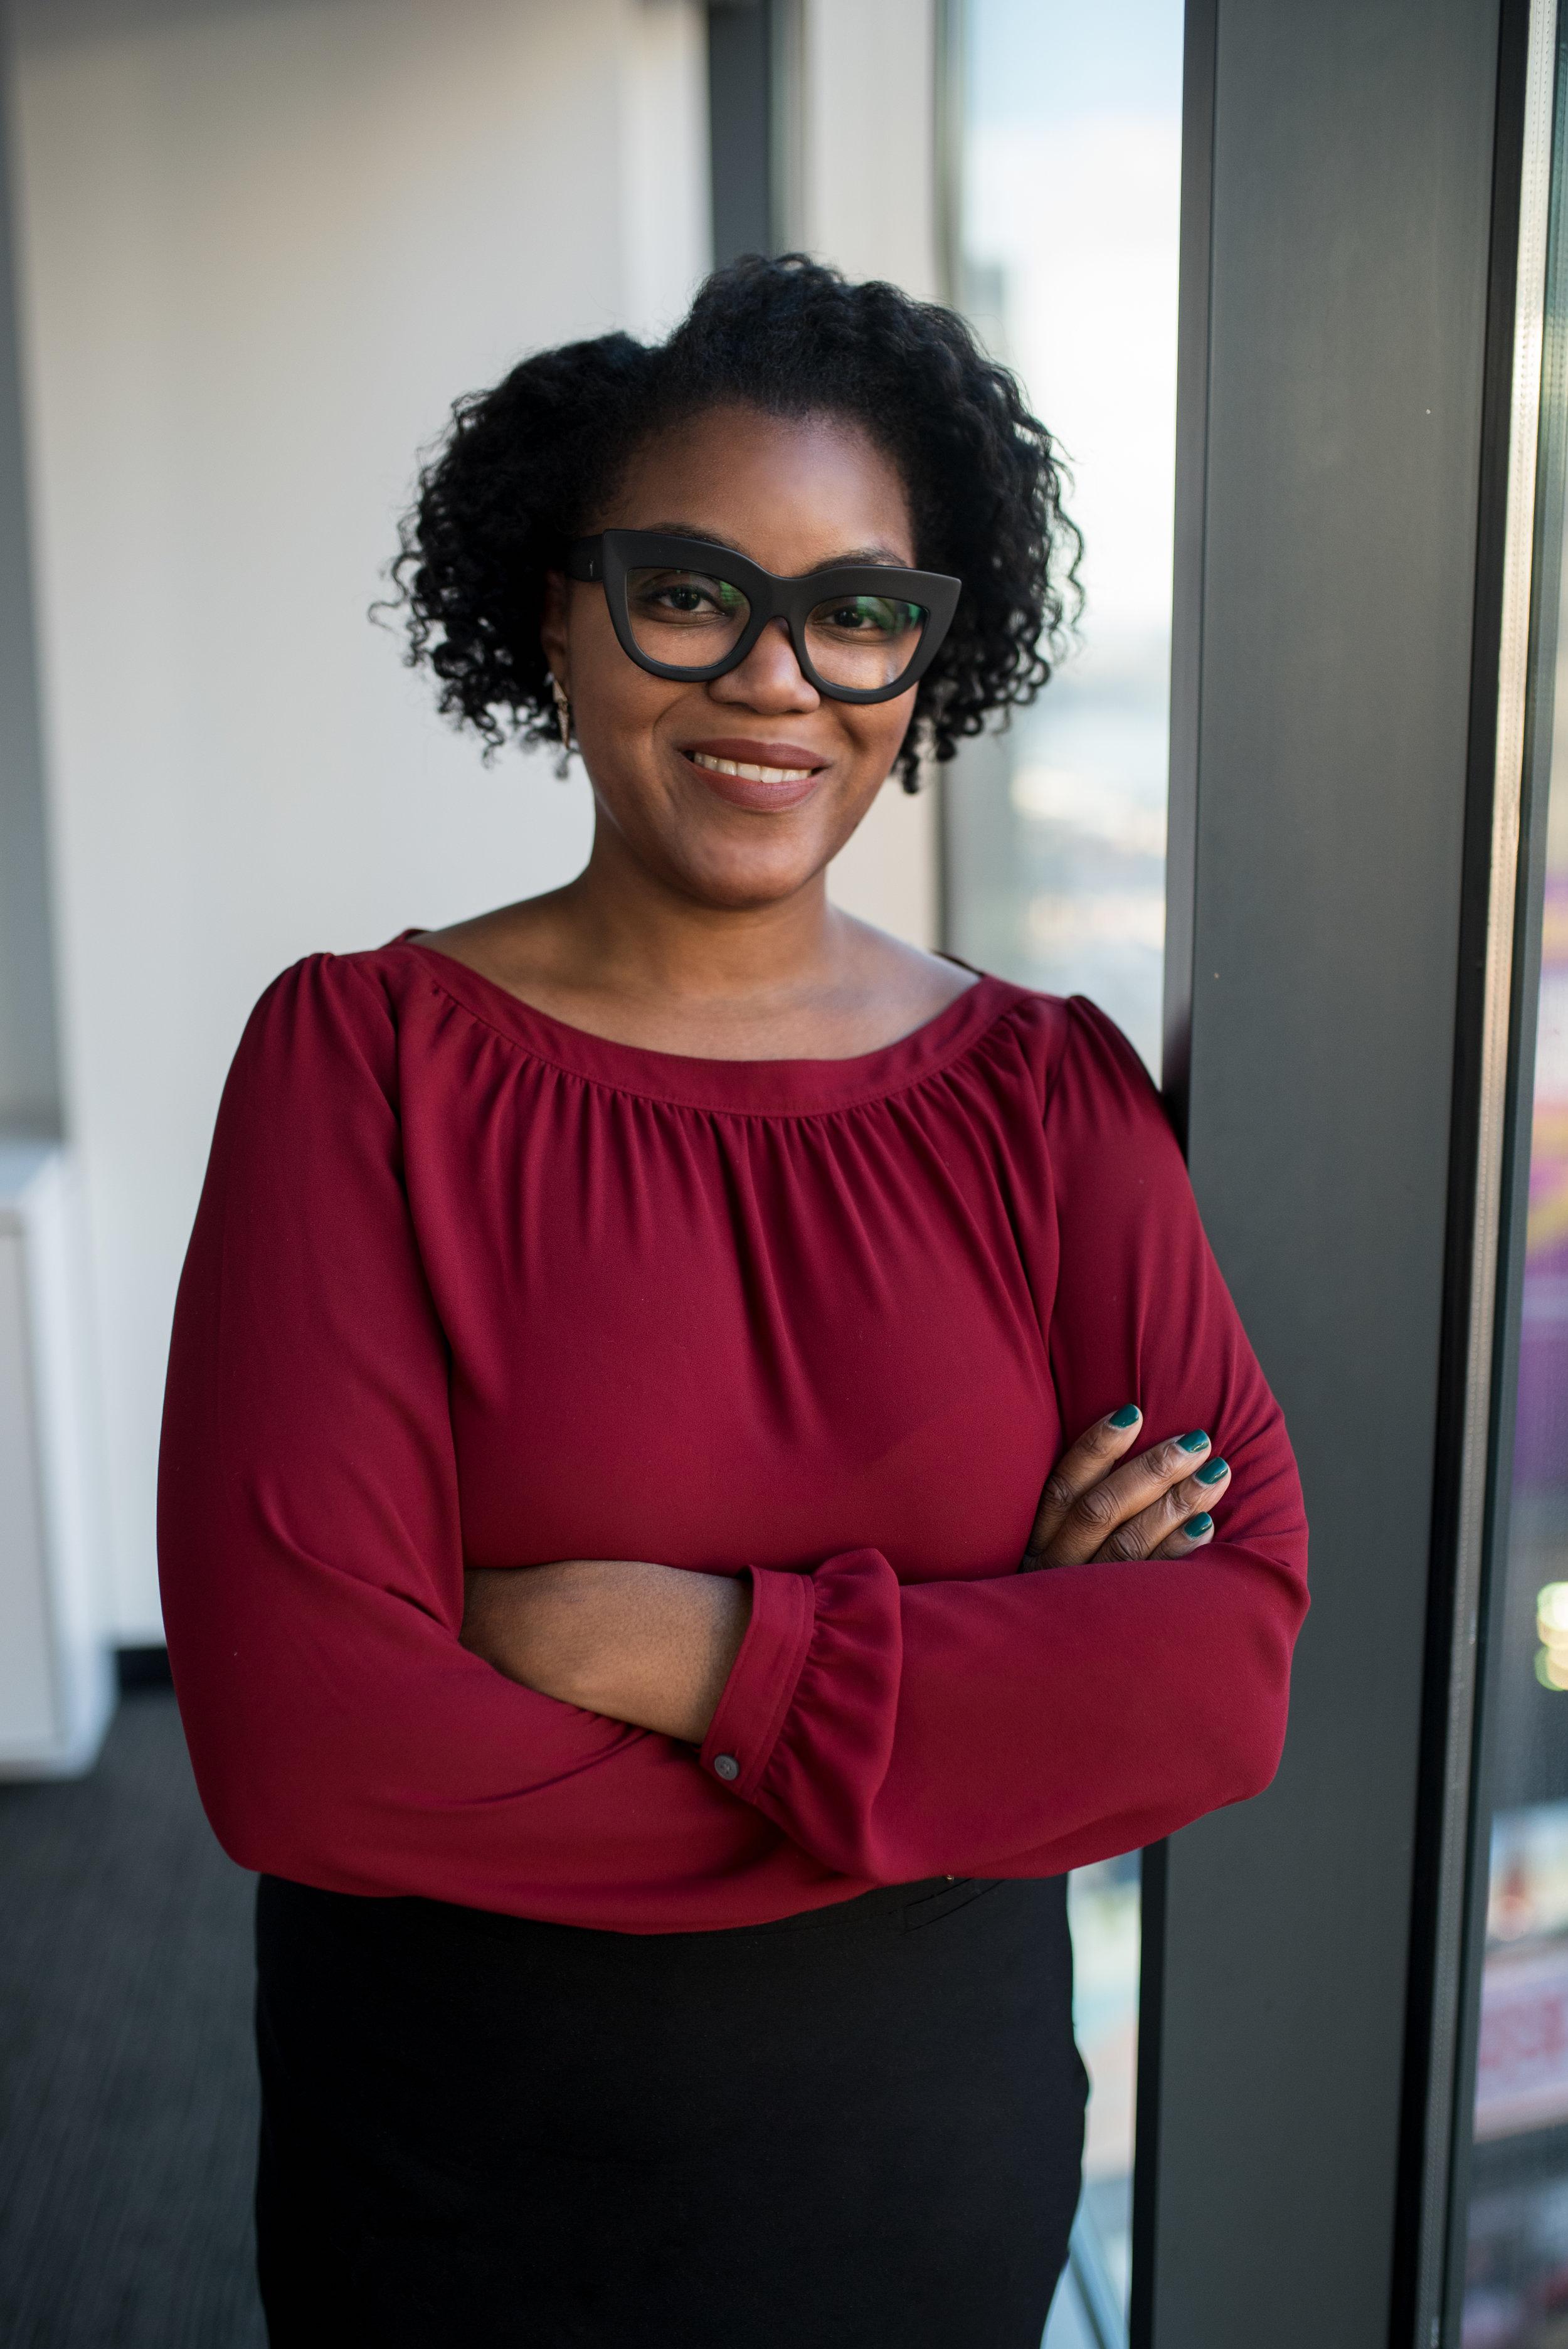 Nneka Headshot.JPG